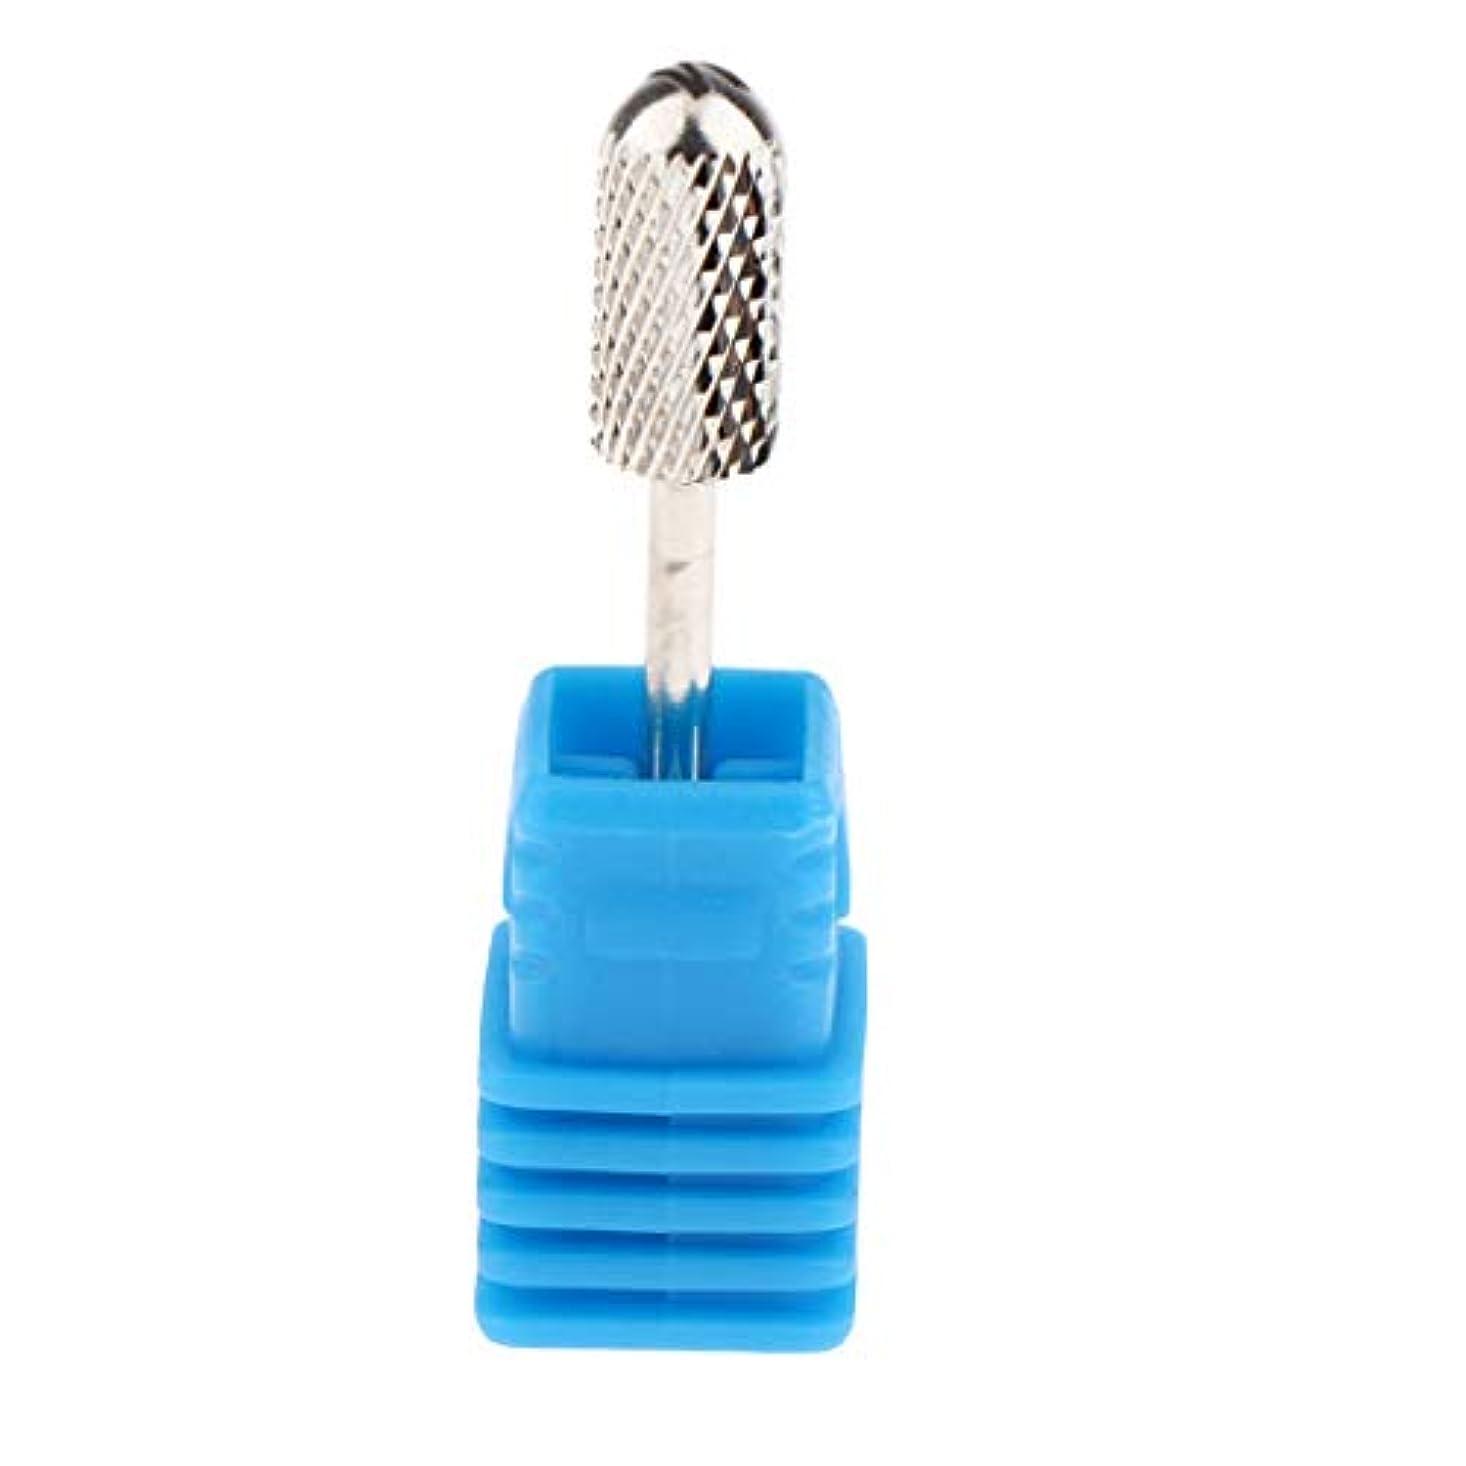 良心キリストおもちゃ4サイズ選択 マニキュア ネイルケア用 電気マニキュアドリルビットヘッド 研削ヘッド - M